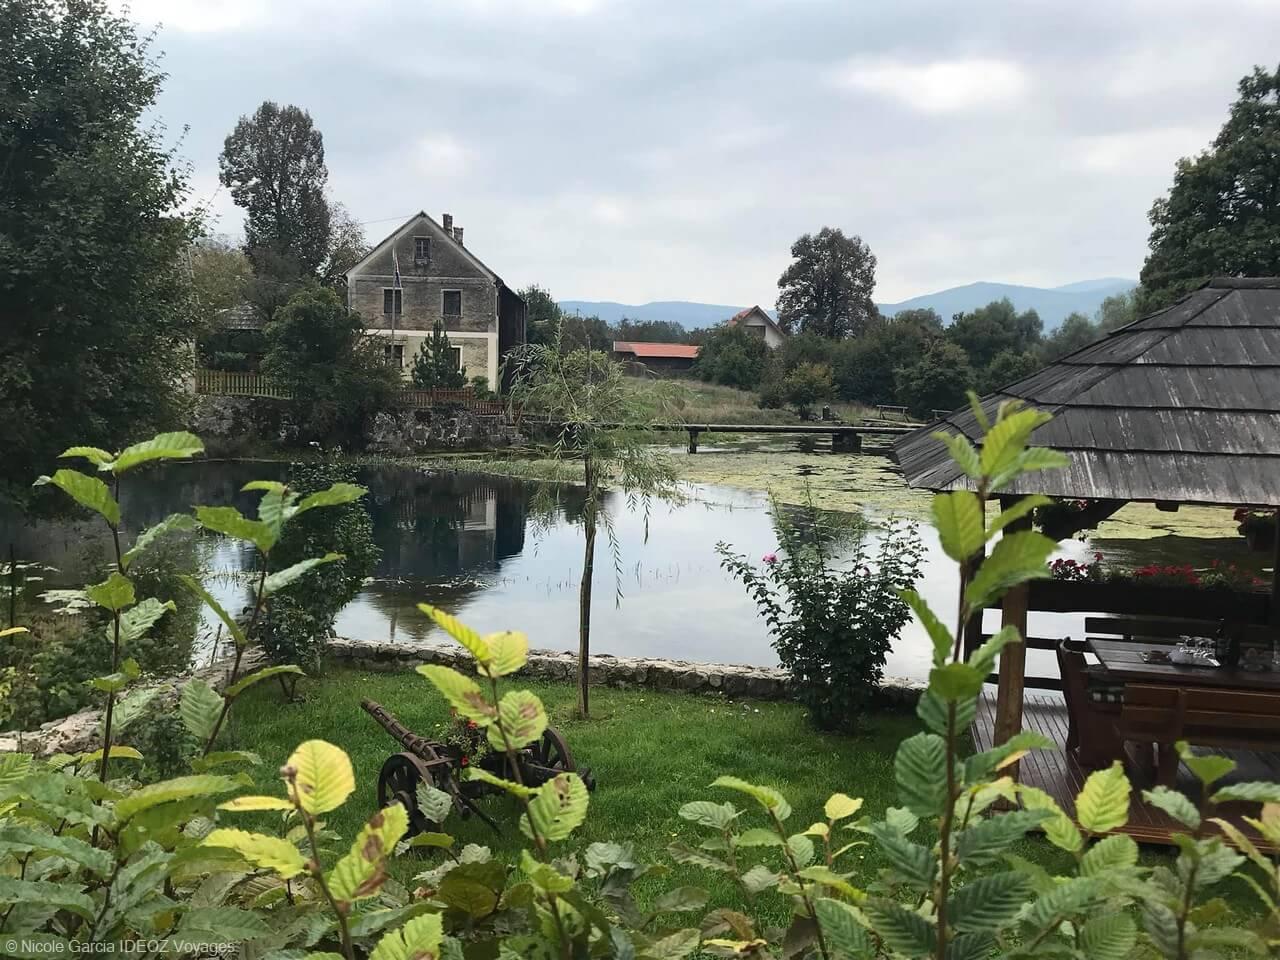 Que voir près du parc de Plitvice? Visites et excursions recommandées 6